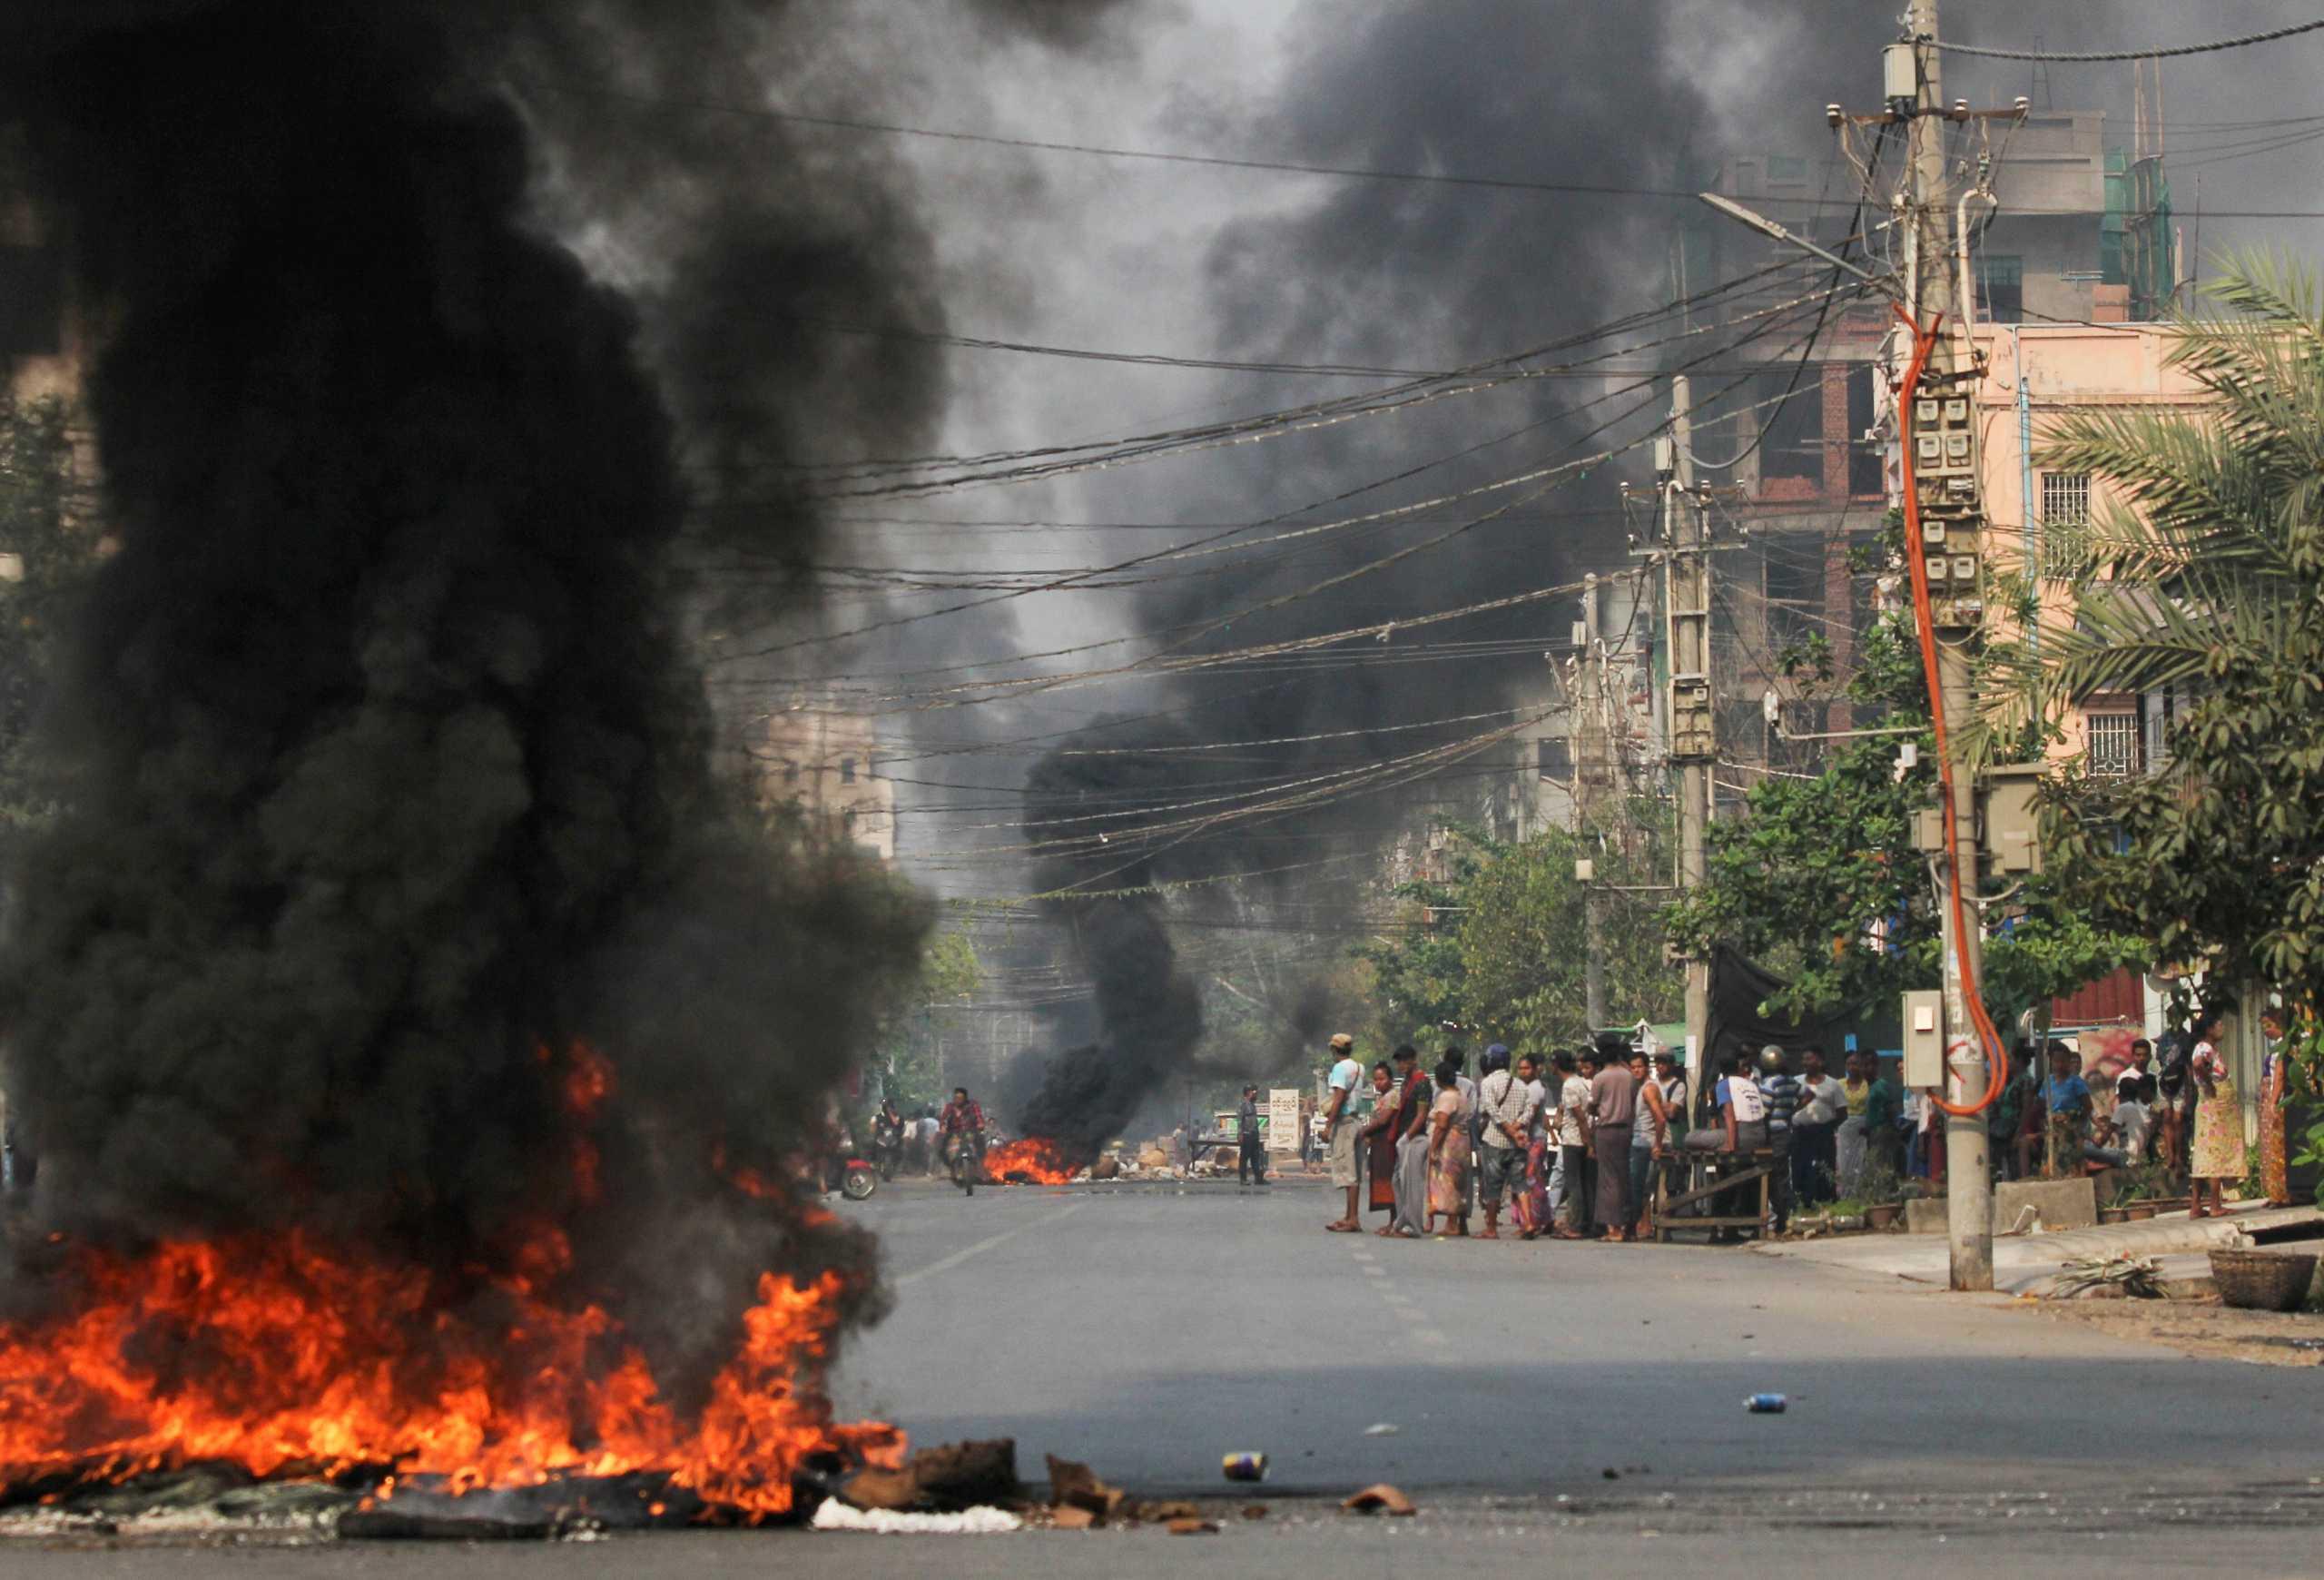 Μιανμάρ: Αιματοκύλισμα στις διαδηλώσεις κατά του πραξικοπήματος – 90 νεκροί ανάμεσά τους και πεντάχρονο αγόρι